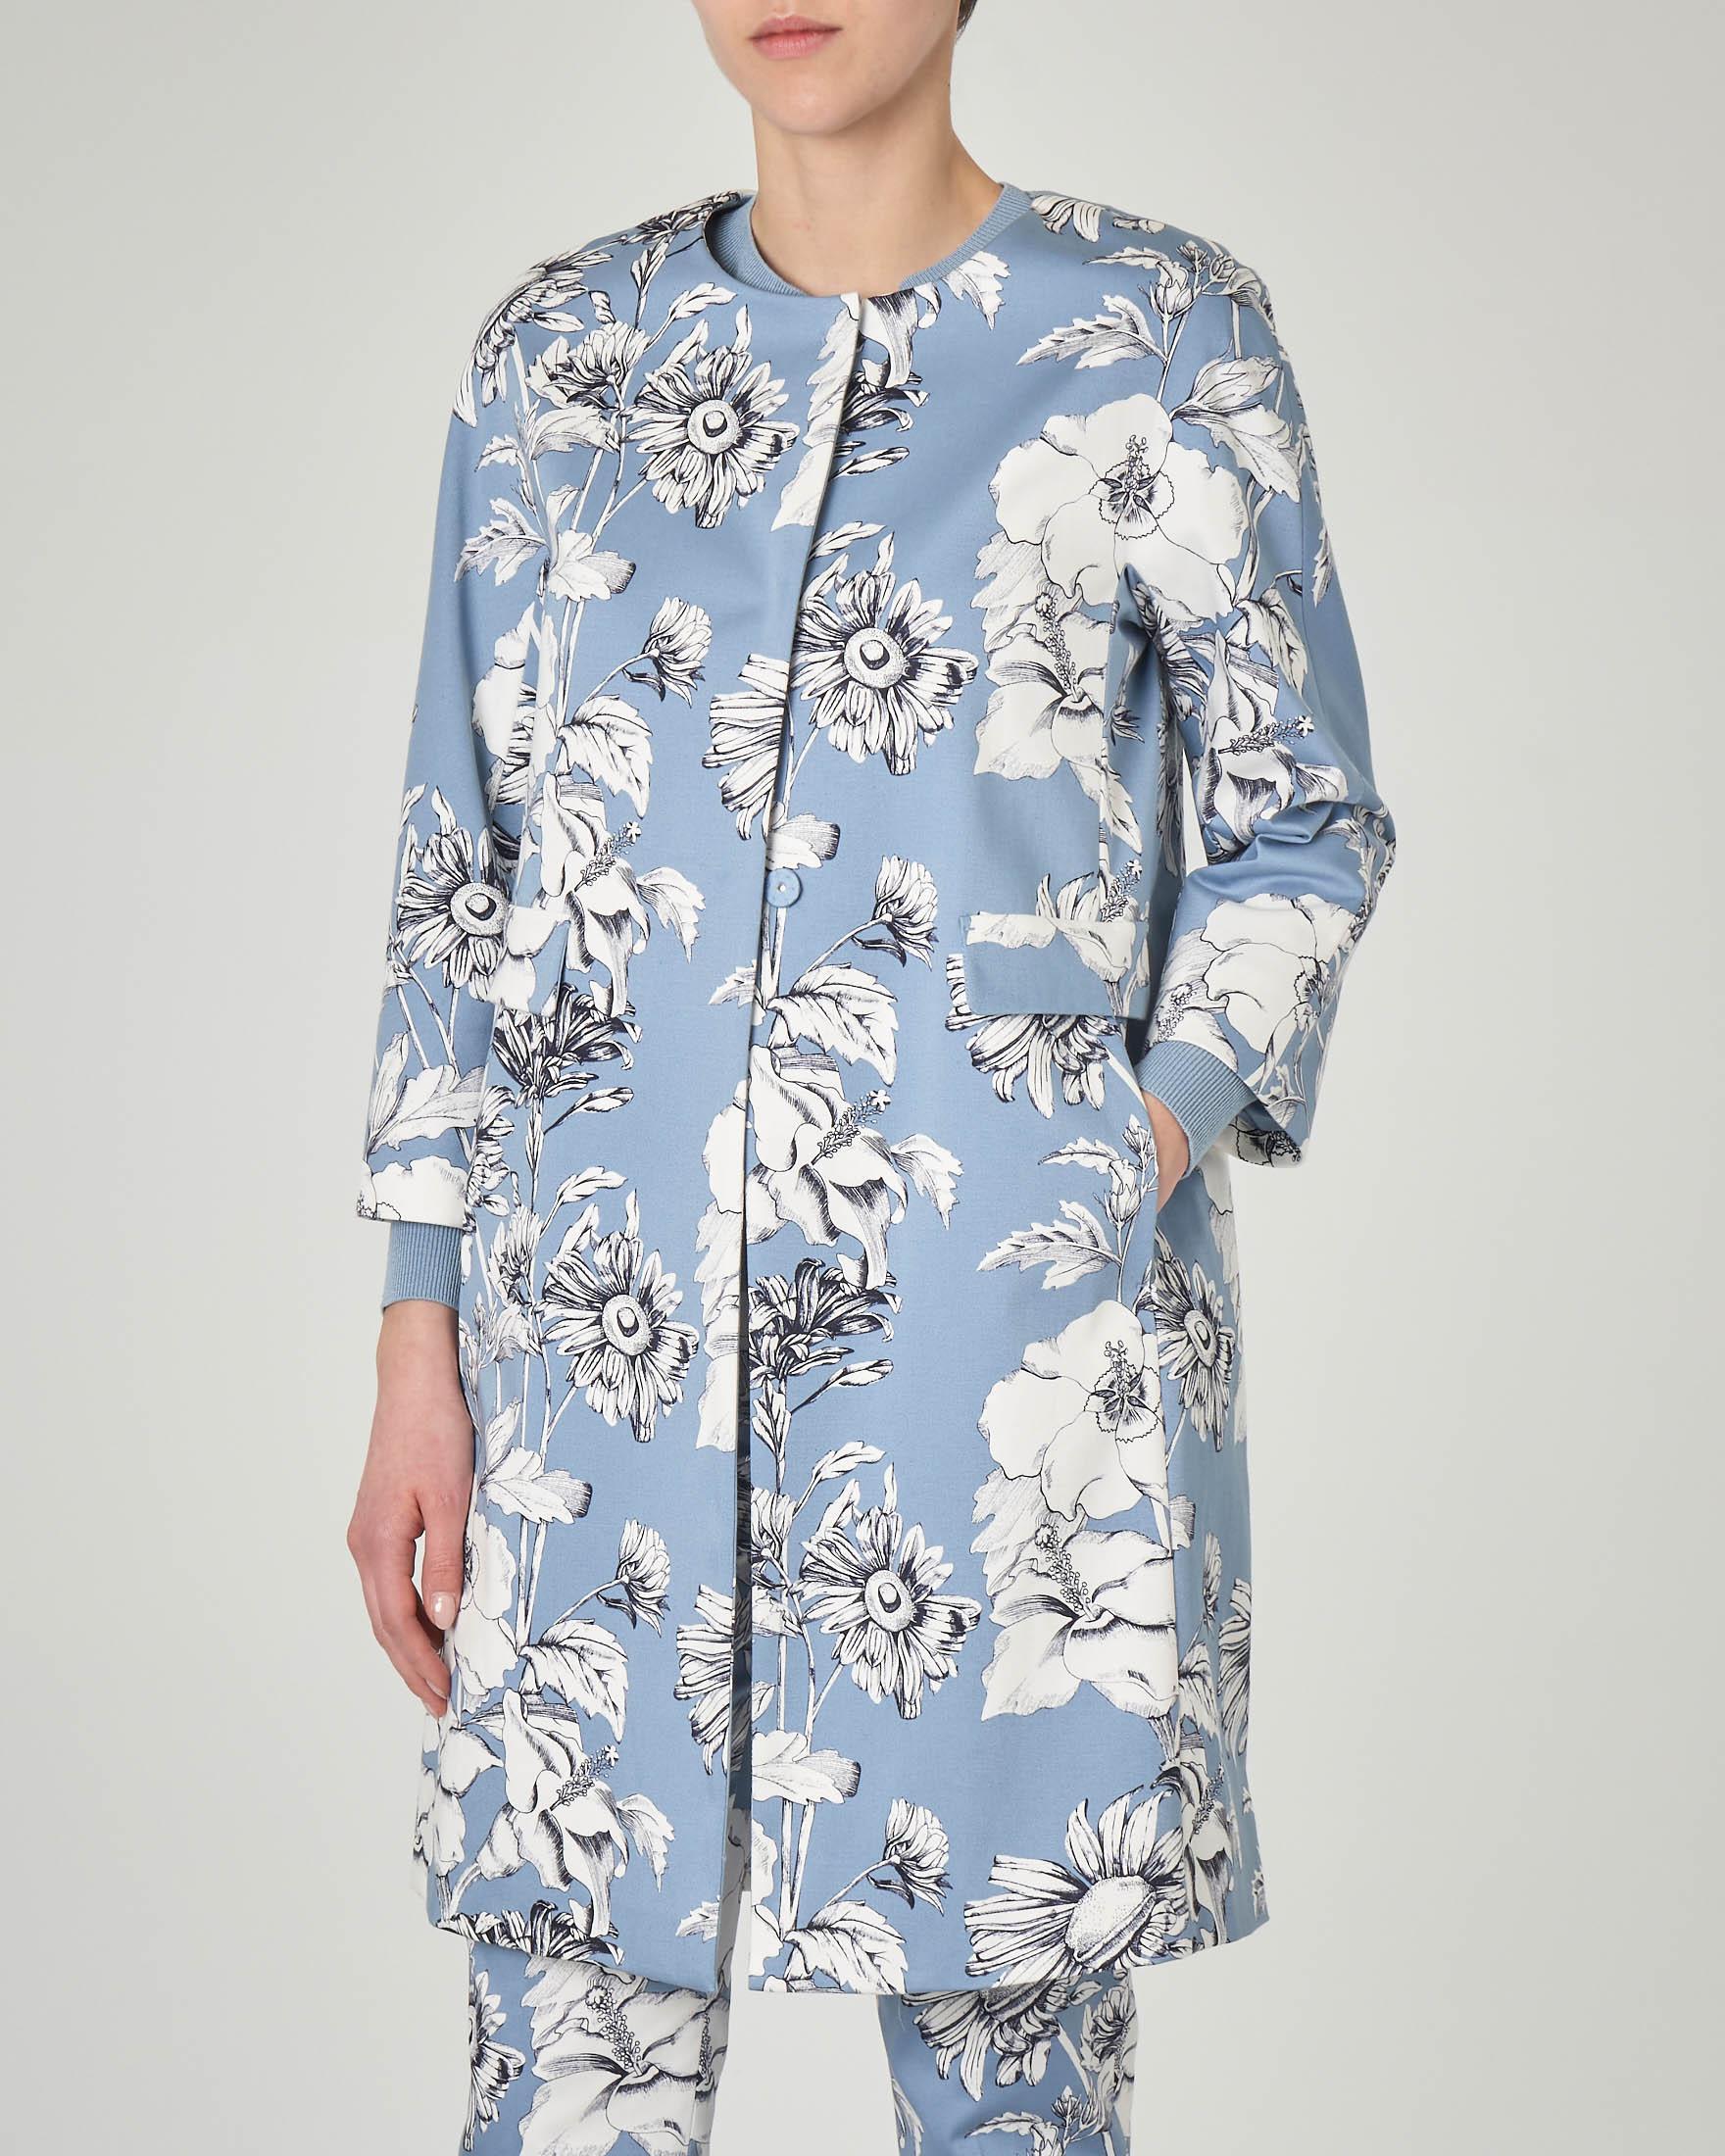 Spolverino azzurro in cotone elasticizzato a stampa floreale